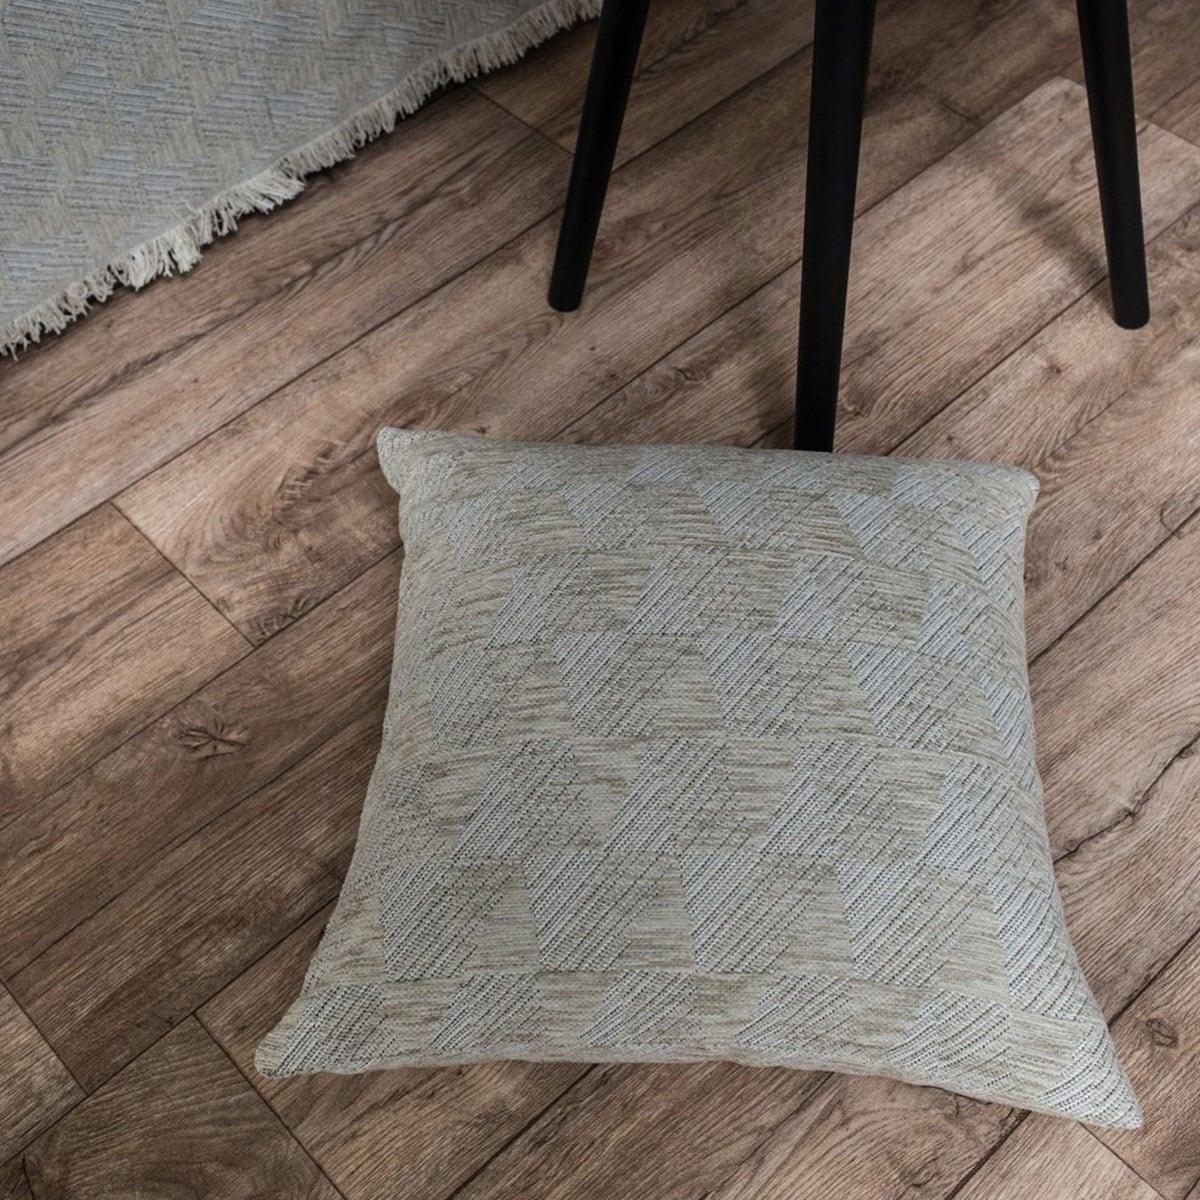 Μαξιλαροθήκη Διακοσμητική Δαπέδου Memphis 07 Sand Teoran 60X60 Ακρυλικό-Polyester